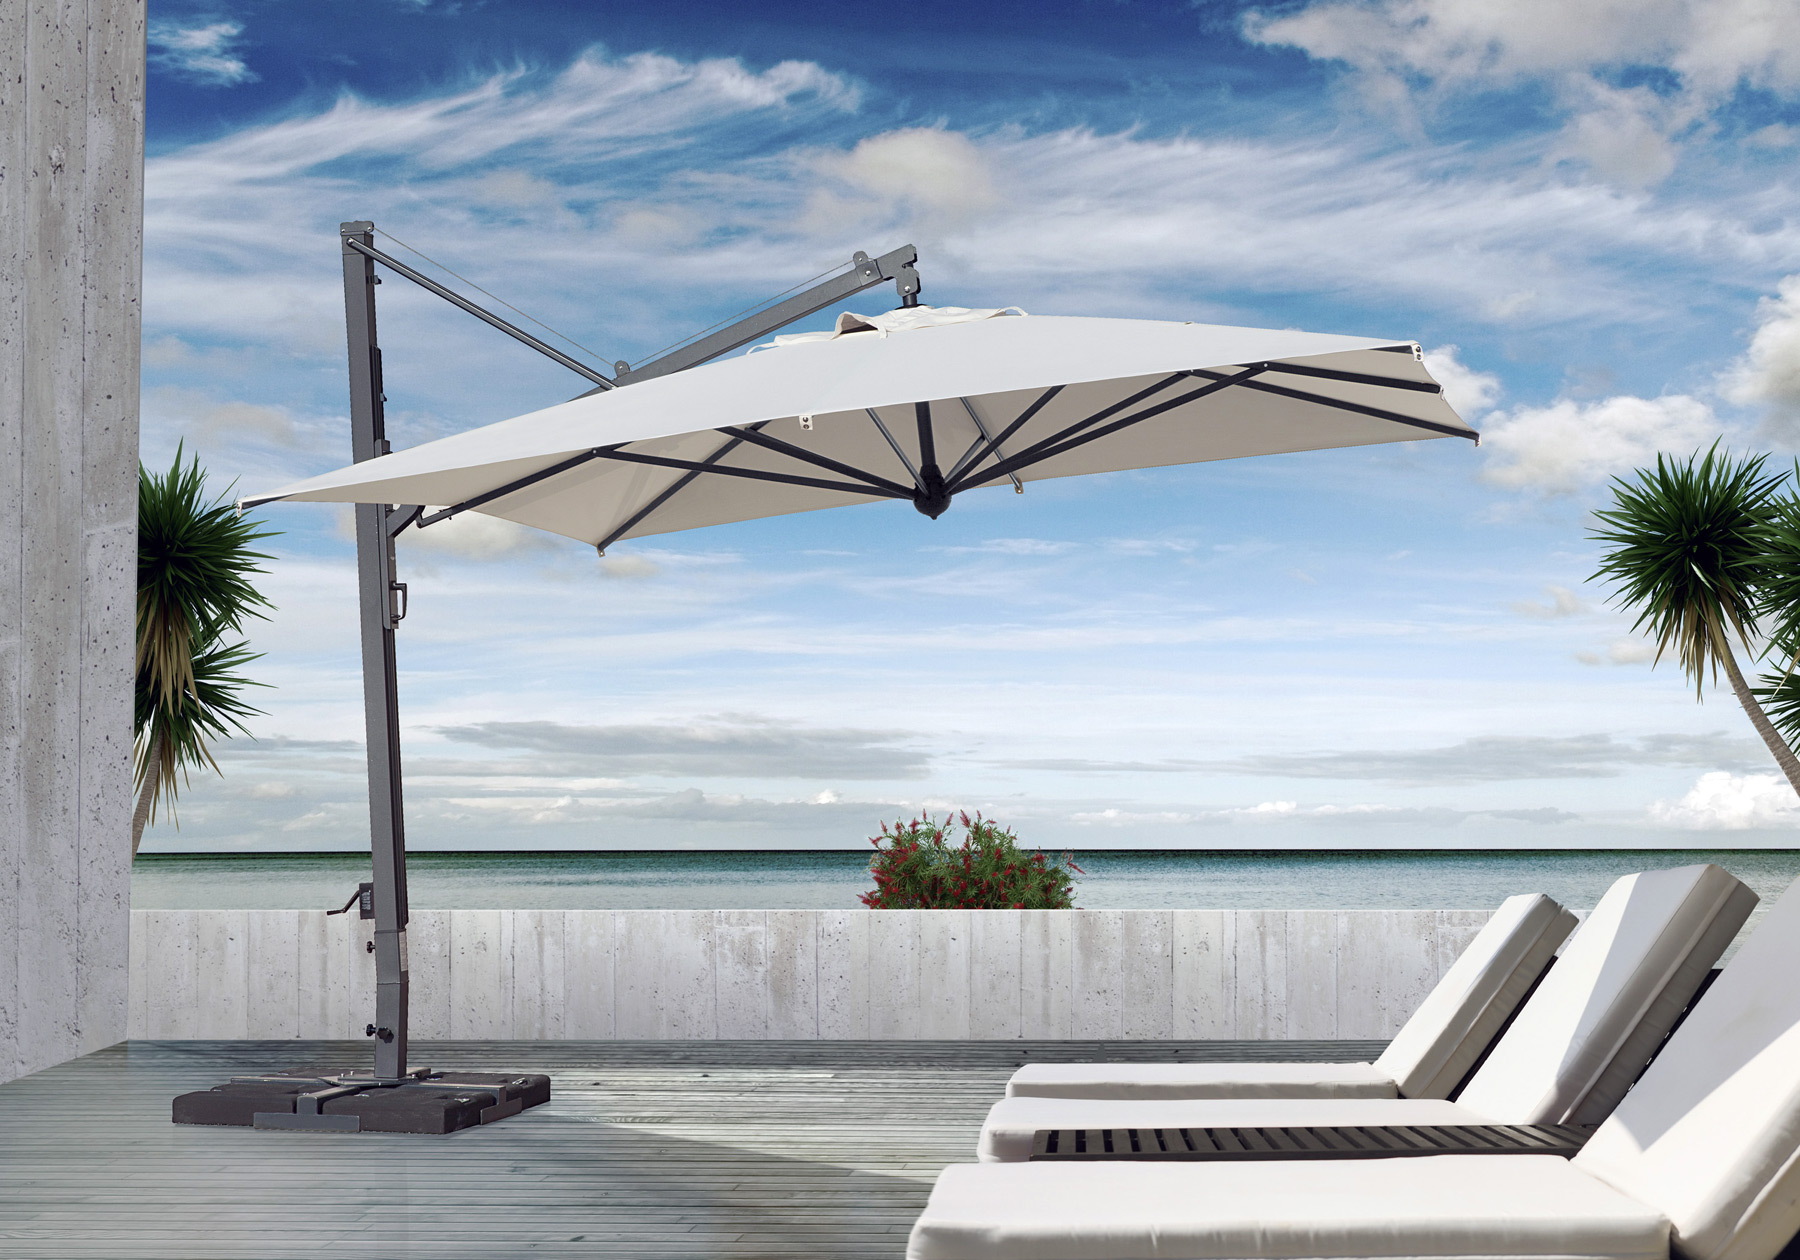 planen m ller gmbh scolaro vertriebspartner f r sonnenschirme und wetterschutz. Black Bedroom Furniture Sets. Home Design Ideas